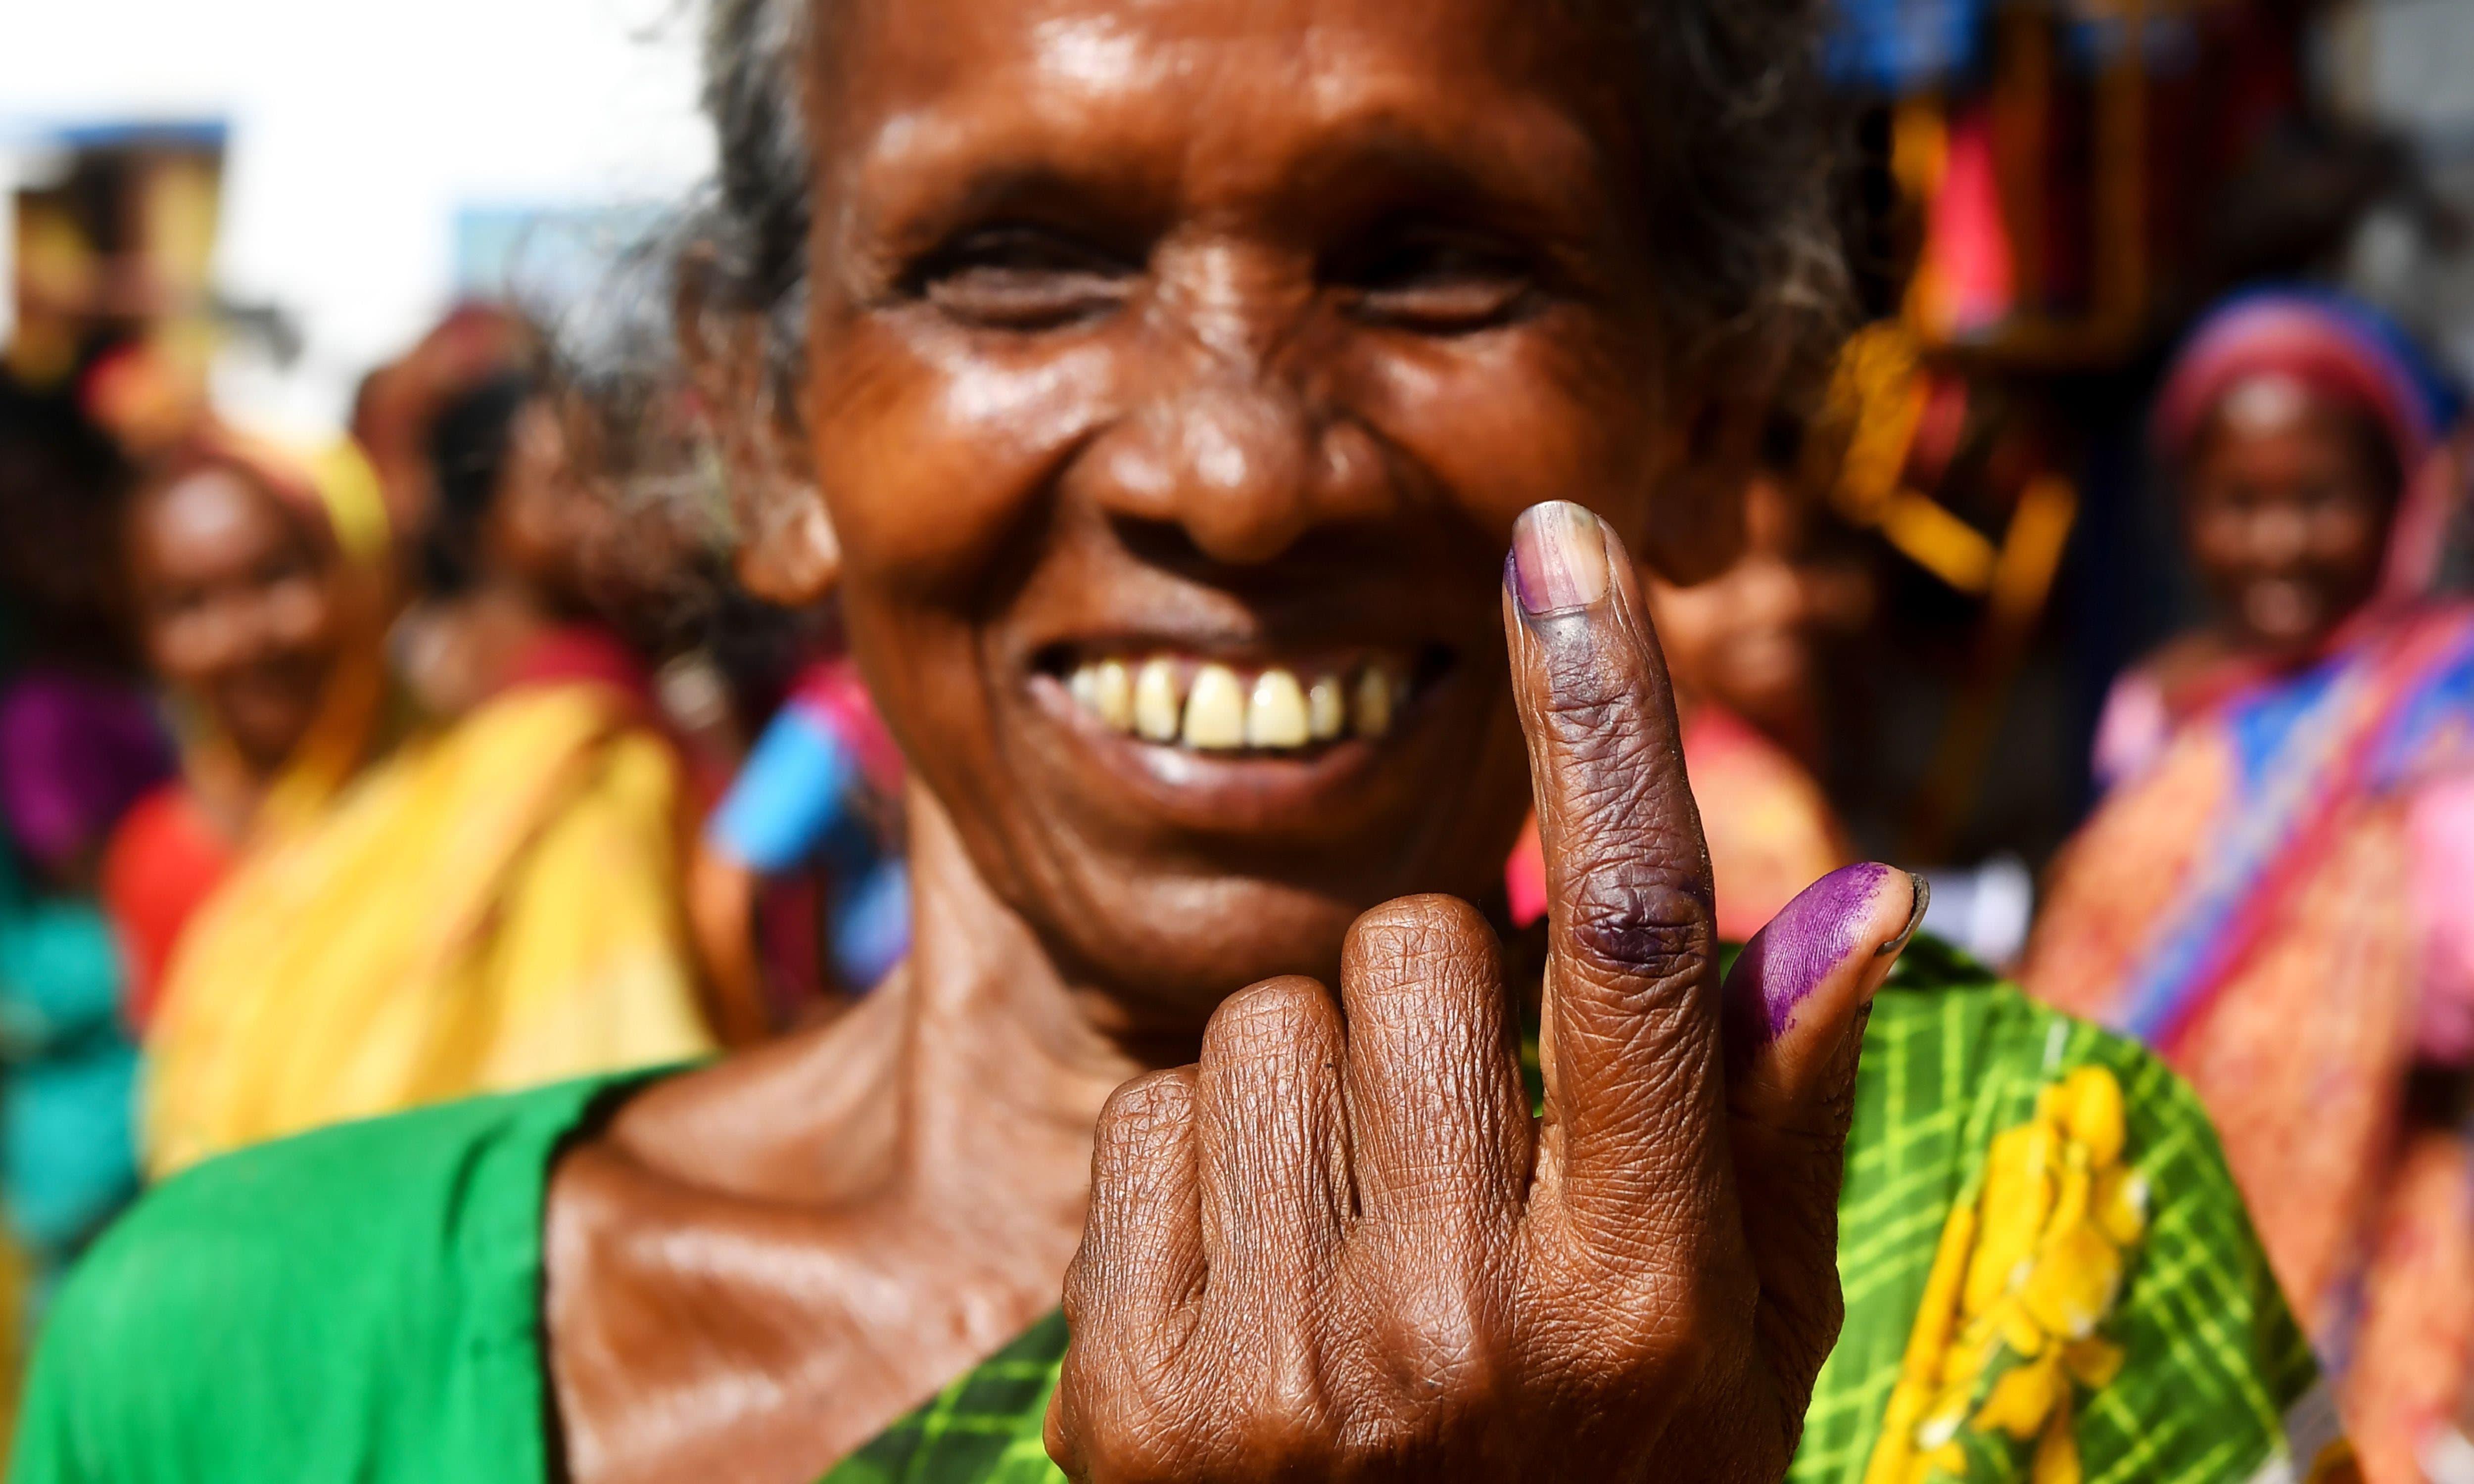 ایک خاتون ووٹ ڈالنے کے بعد اس کا نشان دکھا رہی ہیں —فوٹو/ اے ایف پی